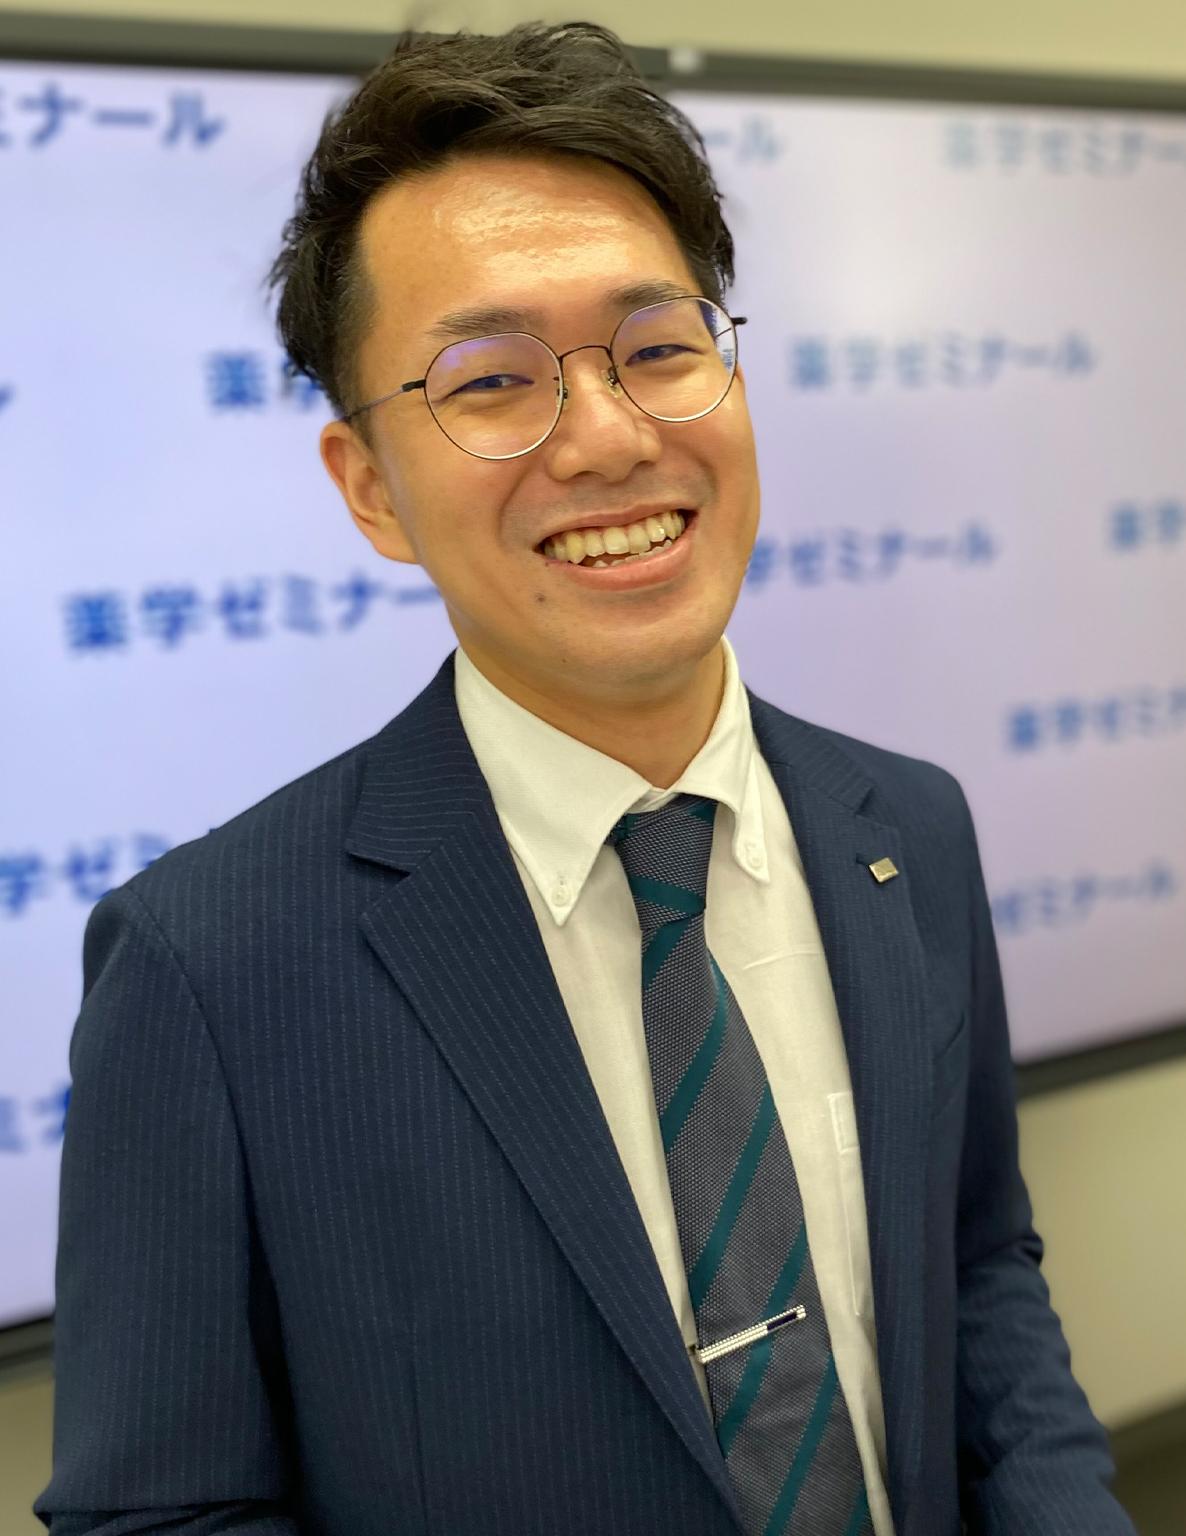 岩田 紘司朗